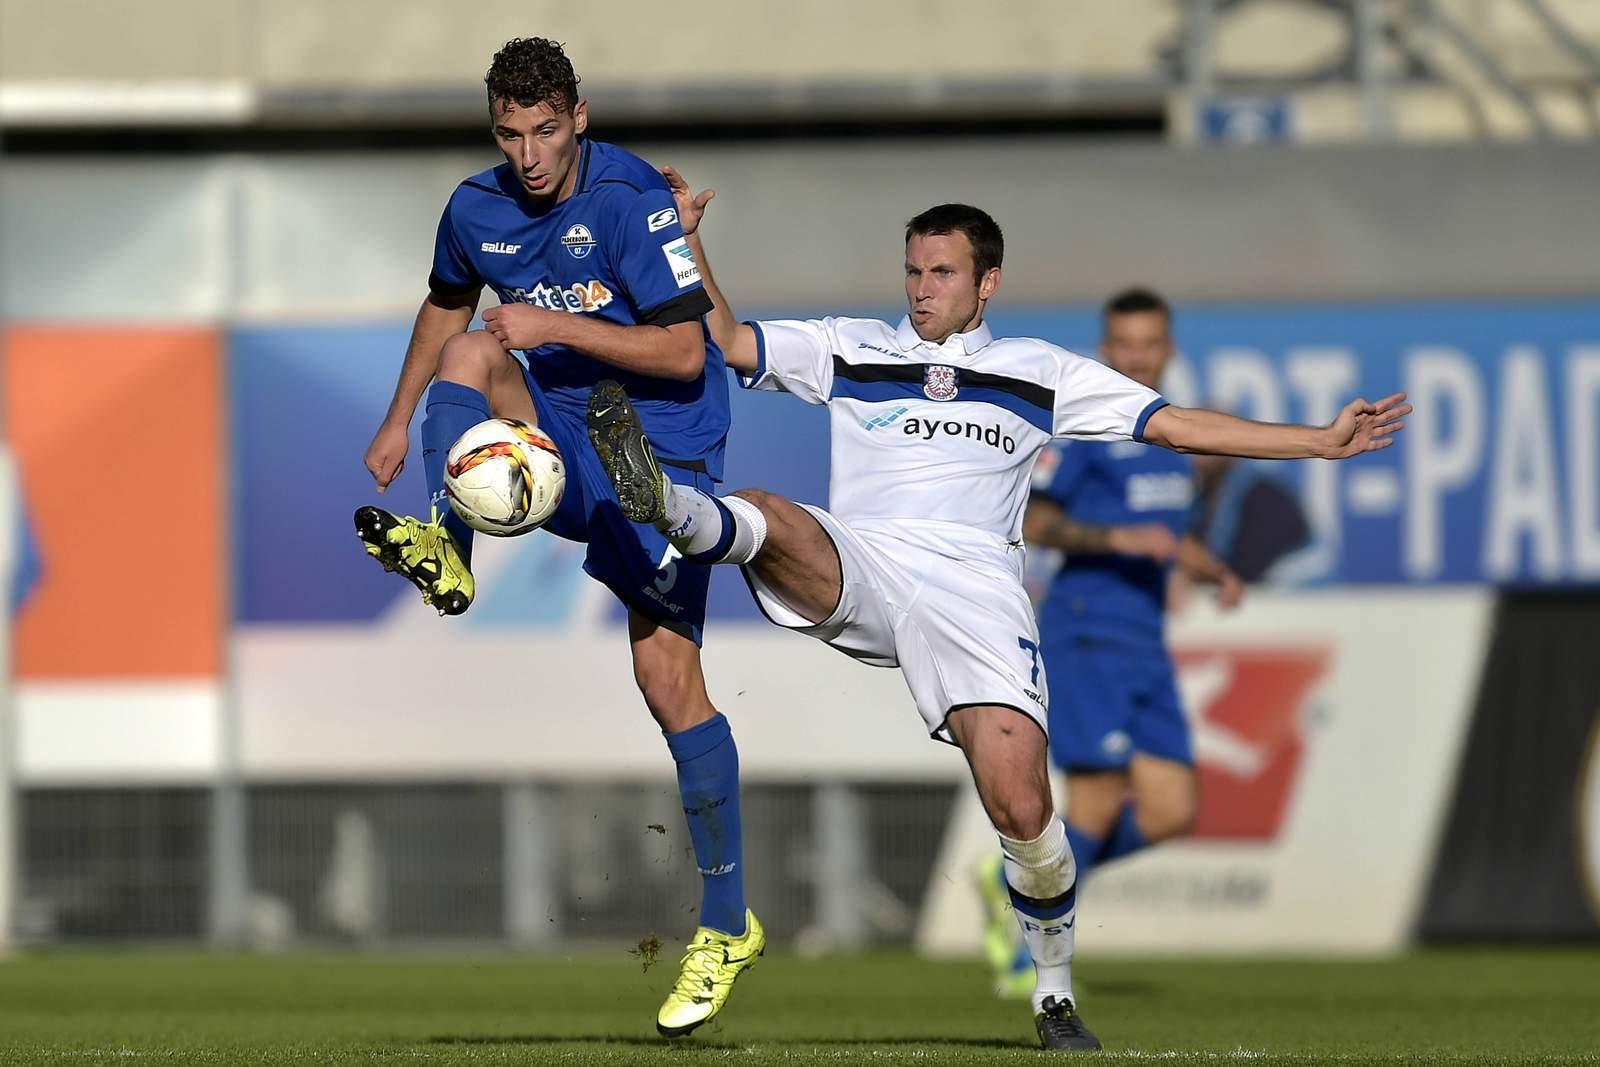 Setzt sich Kruska gegen Wydra durch? Unser Tipp: FSV Frankfurt gewinnt gegen Paderborn